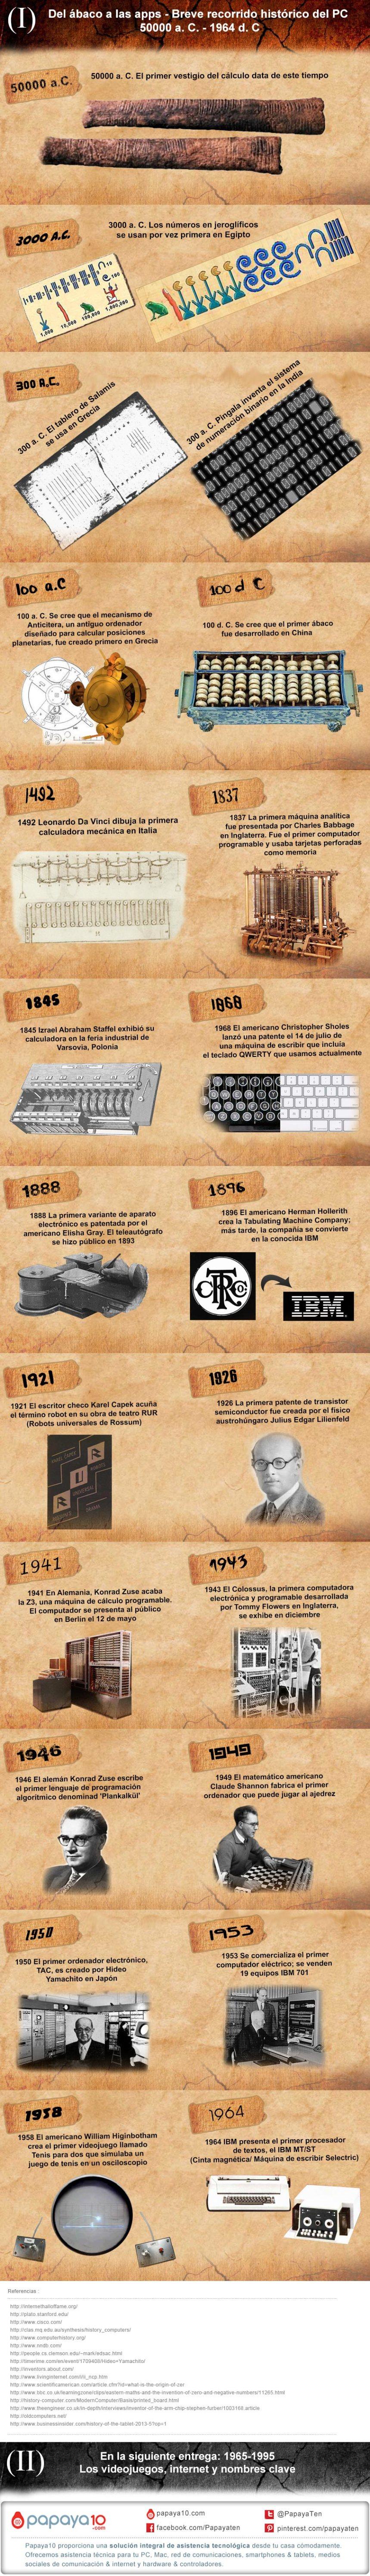 Historia del PC (I): Del ábaco hasta 1964